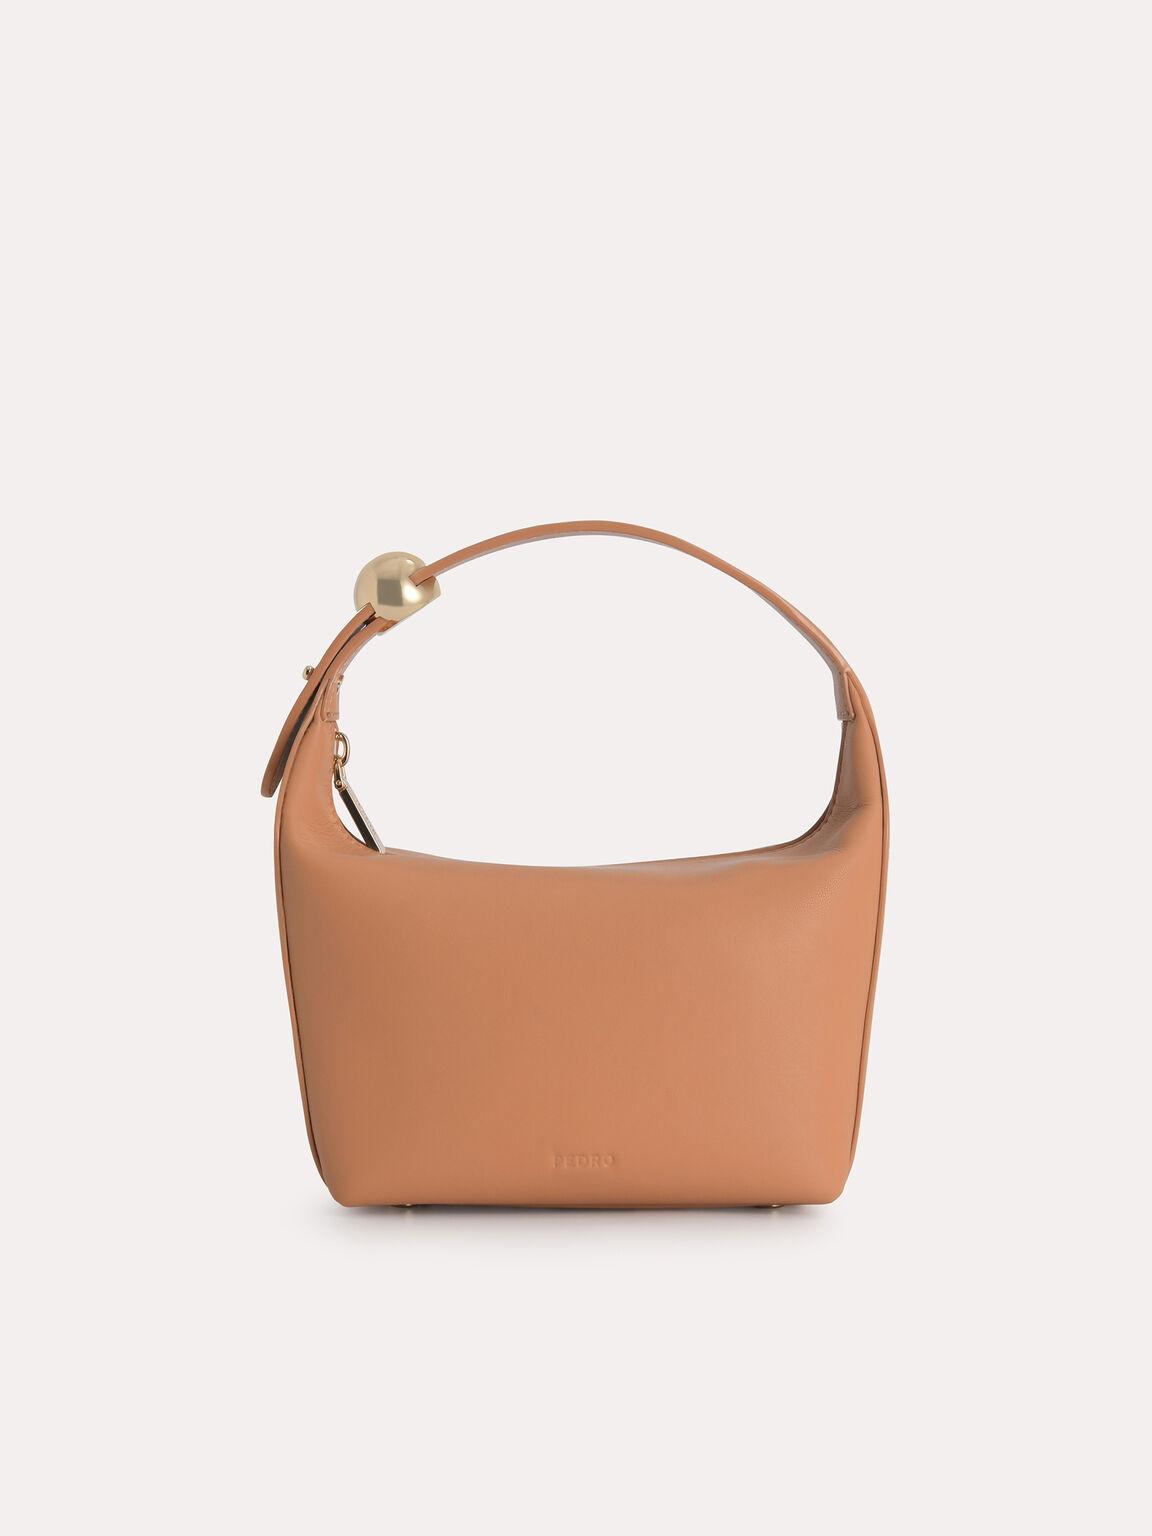 Mini Hobo Bag, Camel, hi-res